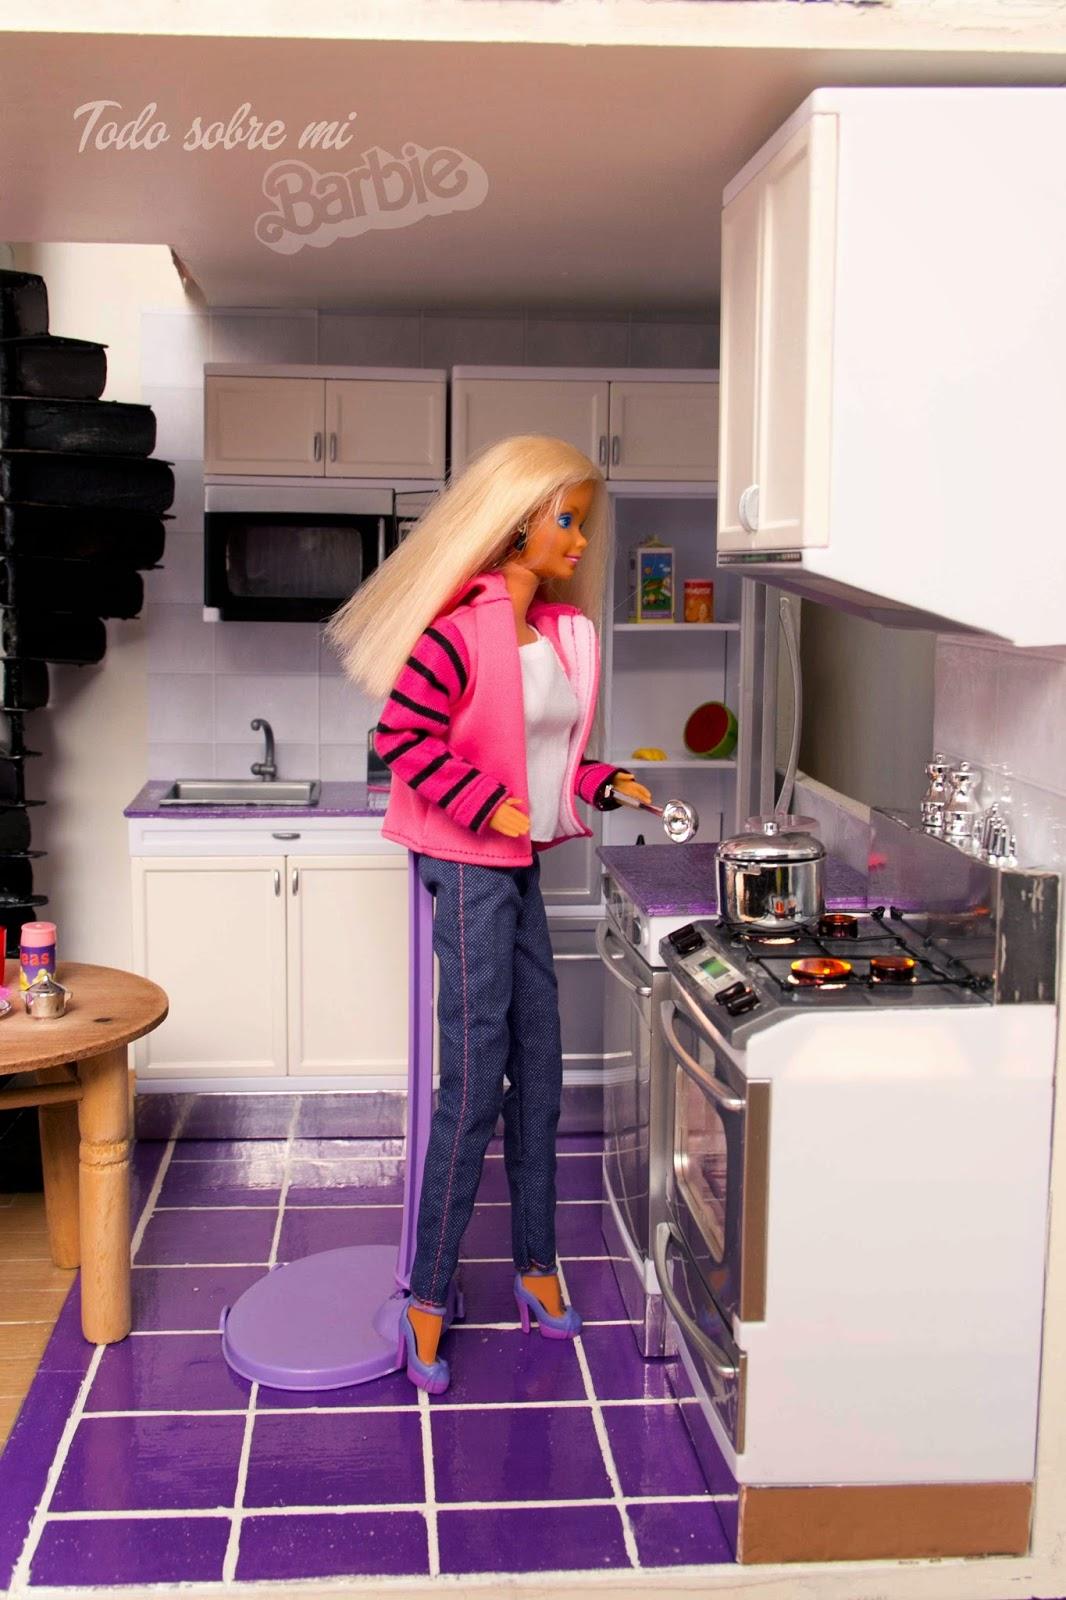 Todo sobre mi barbie c mo pintar muebles de pl stico cocina - Todo sobre la cocina ...